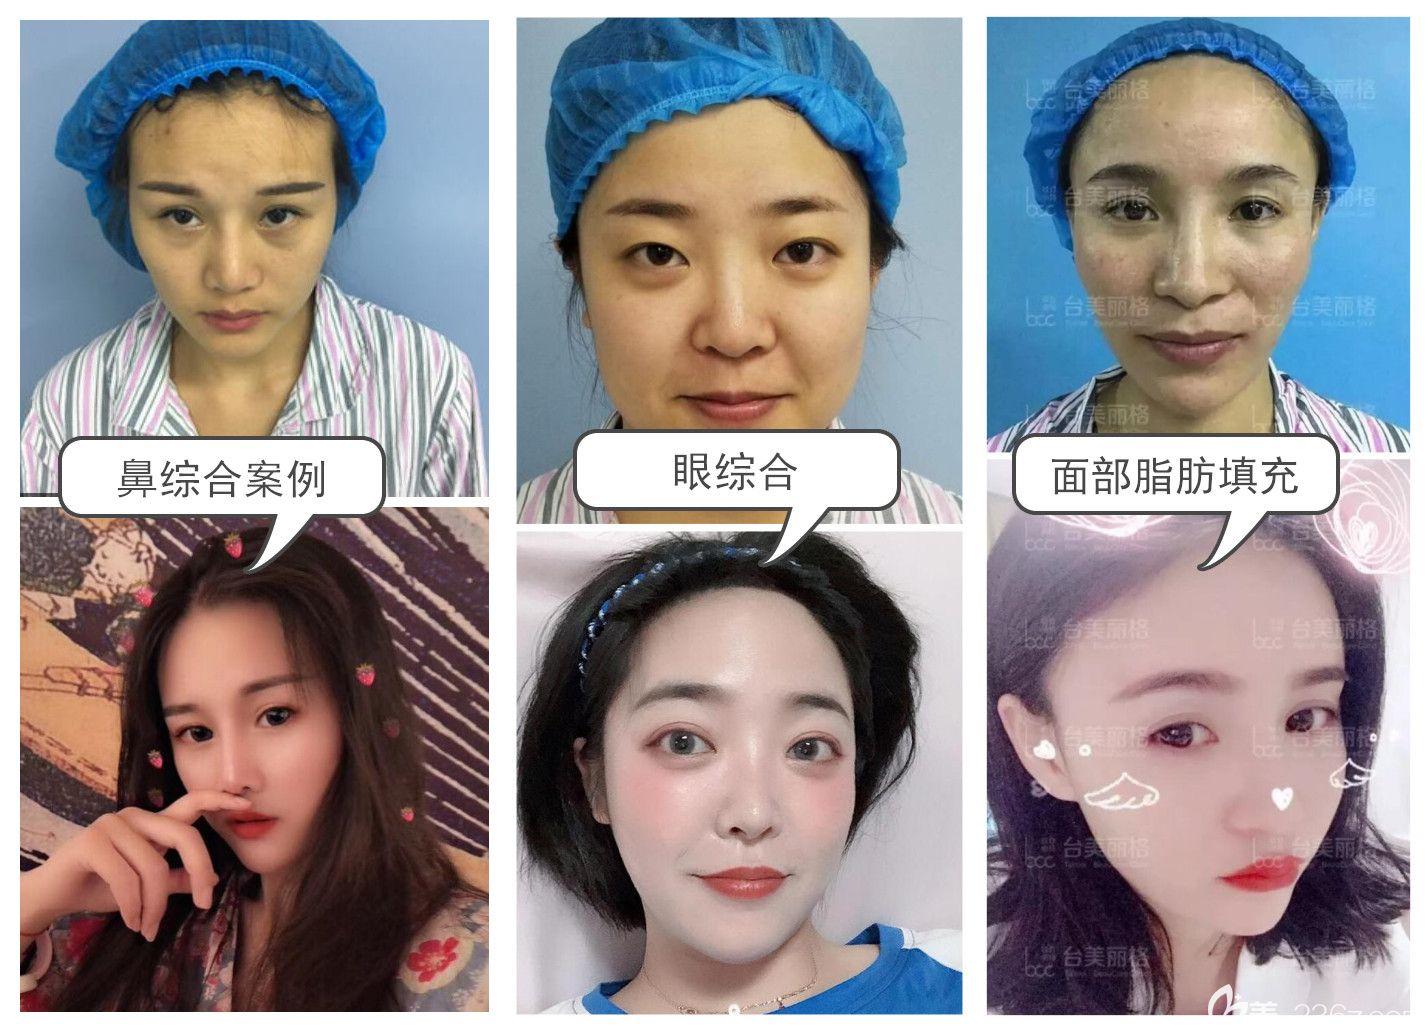 鼻综合案例+眼综合案例+自体脂肪全脸填充案例效果前后对比图